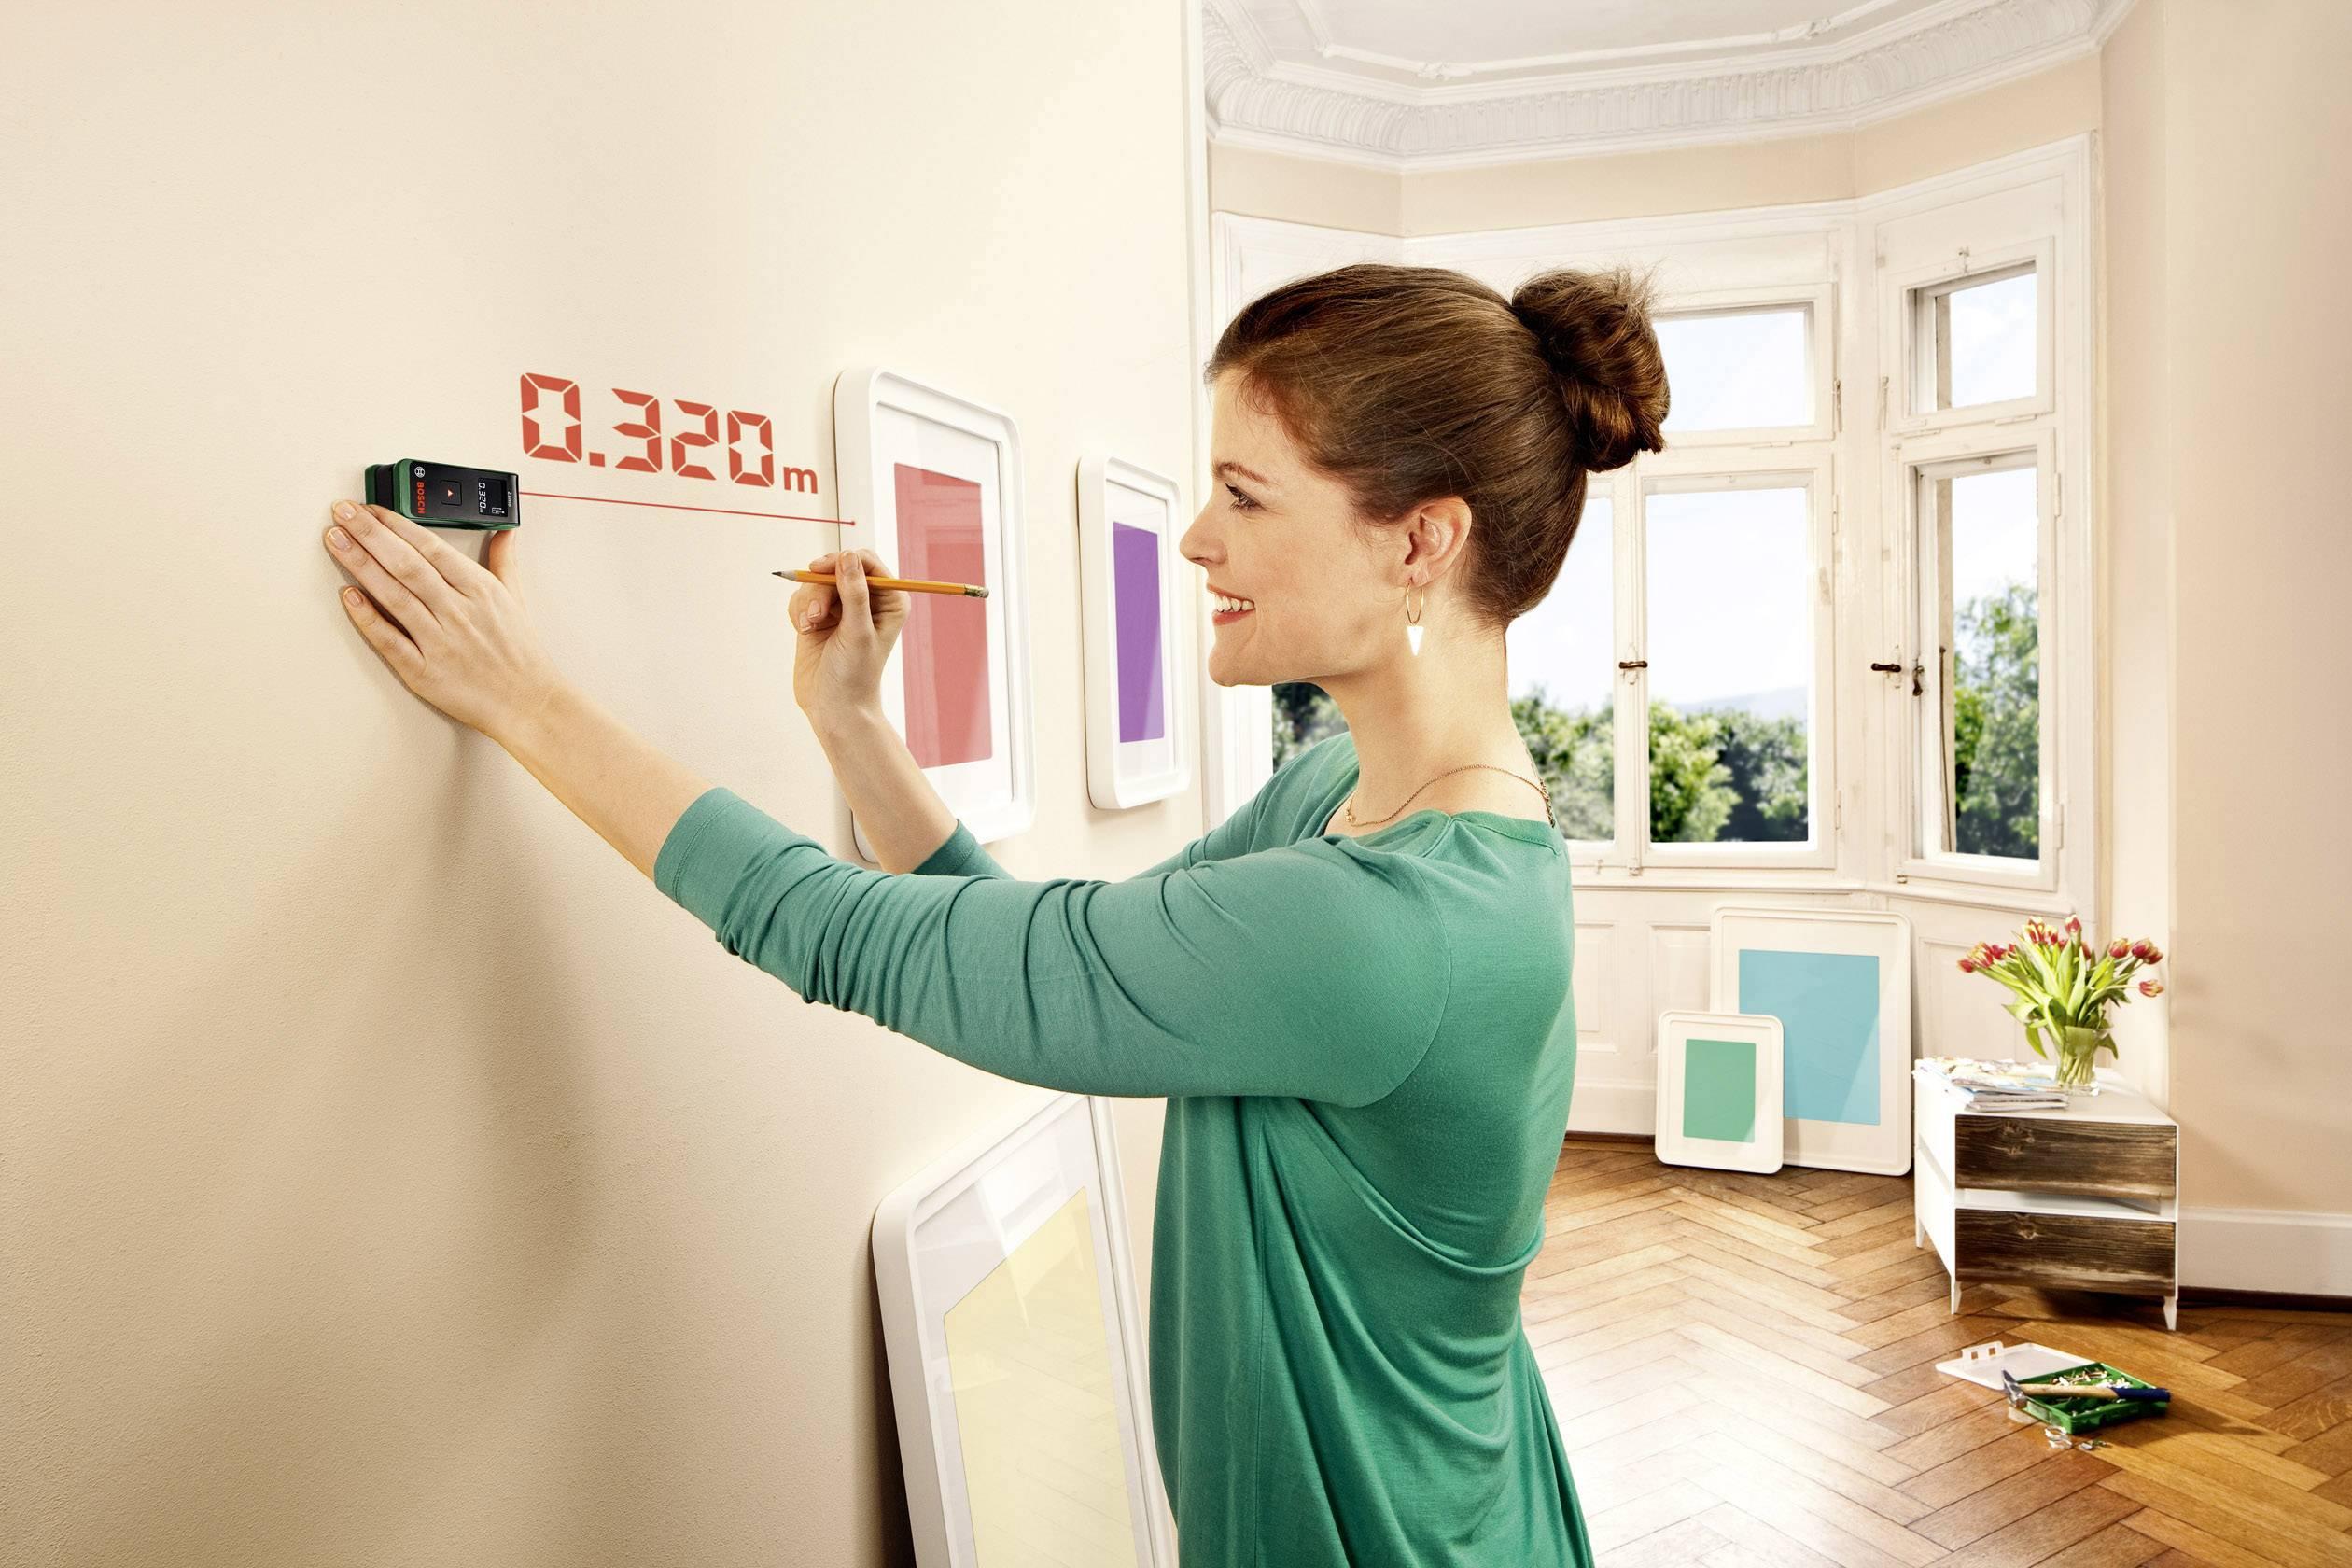 Bosch Entfernungsmesser Zamo Ii : Bosch home and garden zamo ii laser entfernungsmesser messbereich